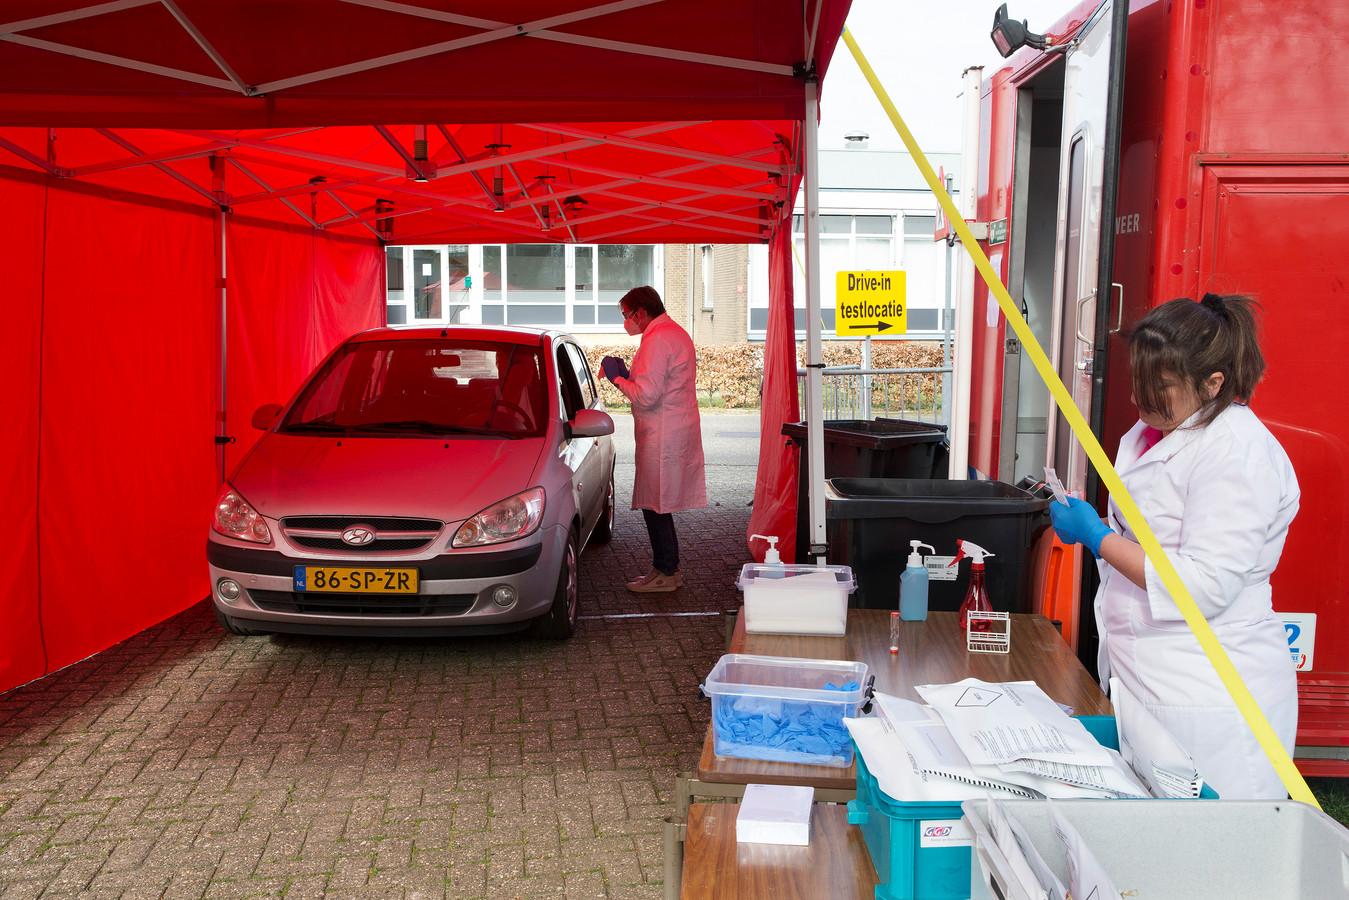 Voorbeeld van een vergelijkbare corona-teststraat in Zelhem, Gelderland.